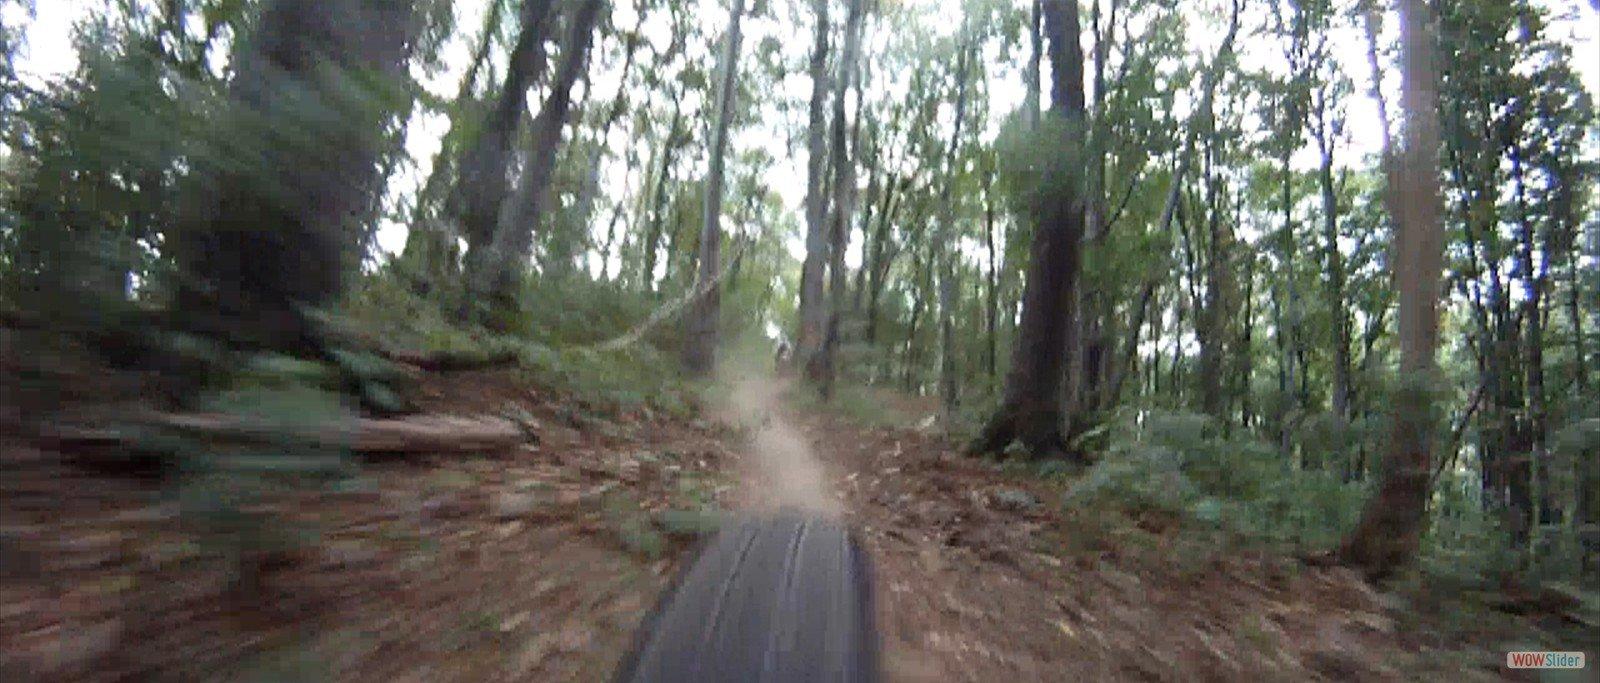 Concurs biciclete  Casoaia Bike Race 2013